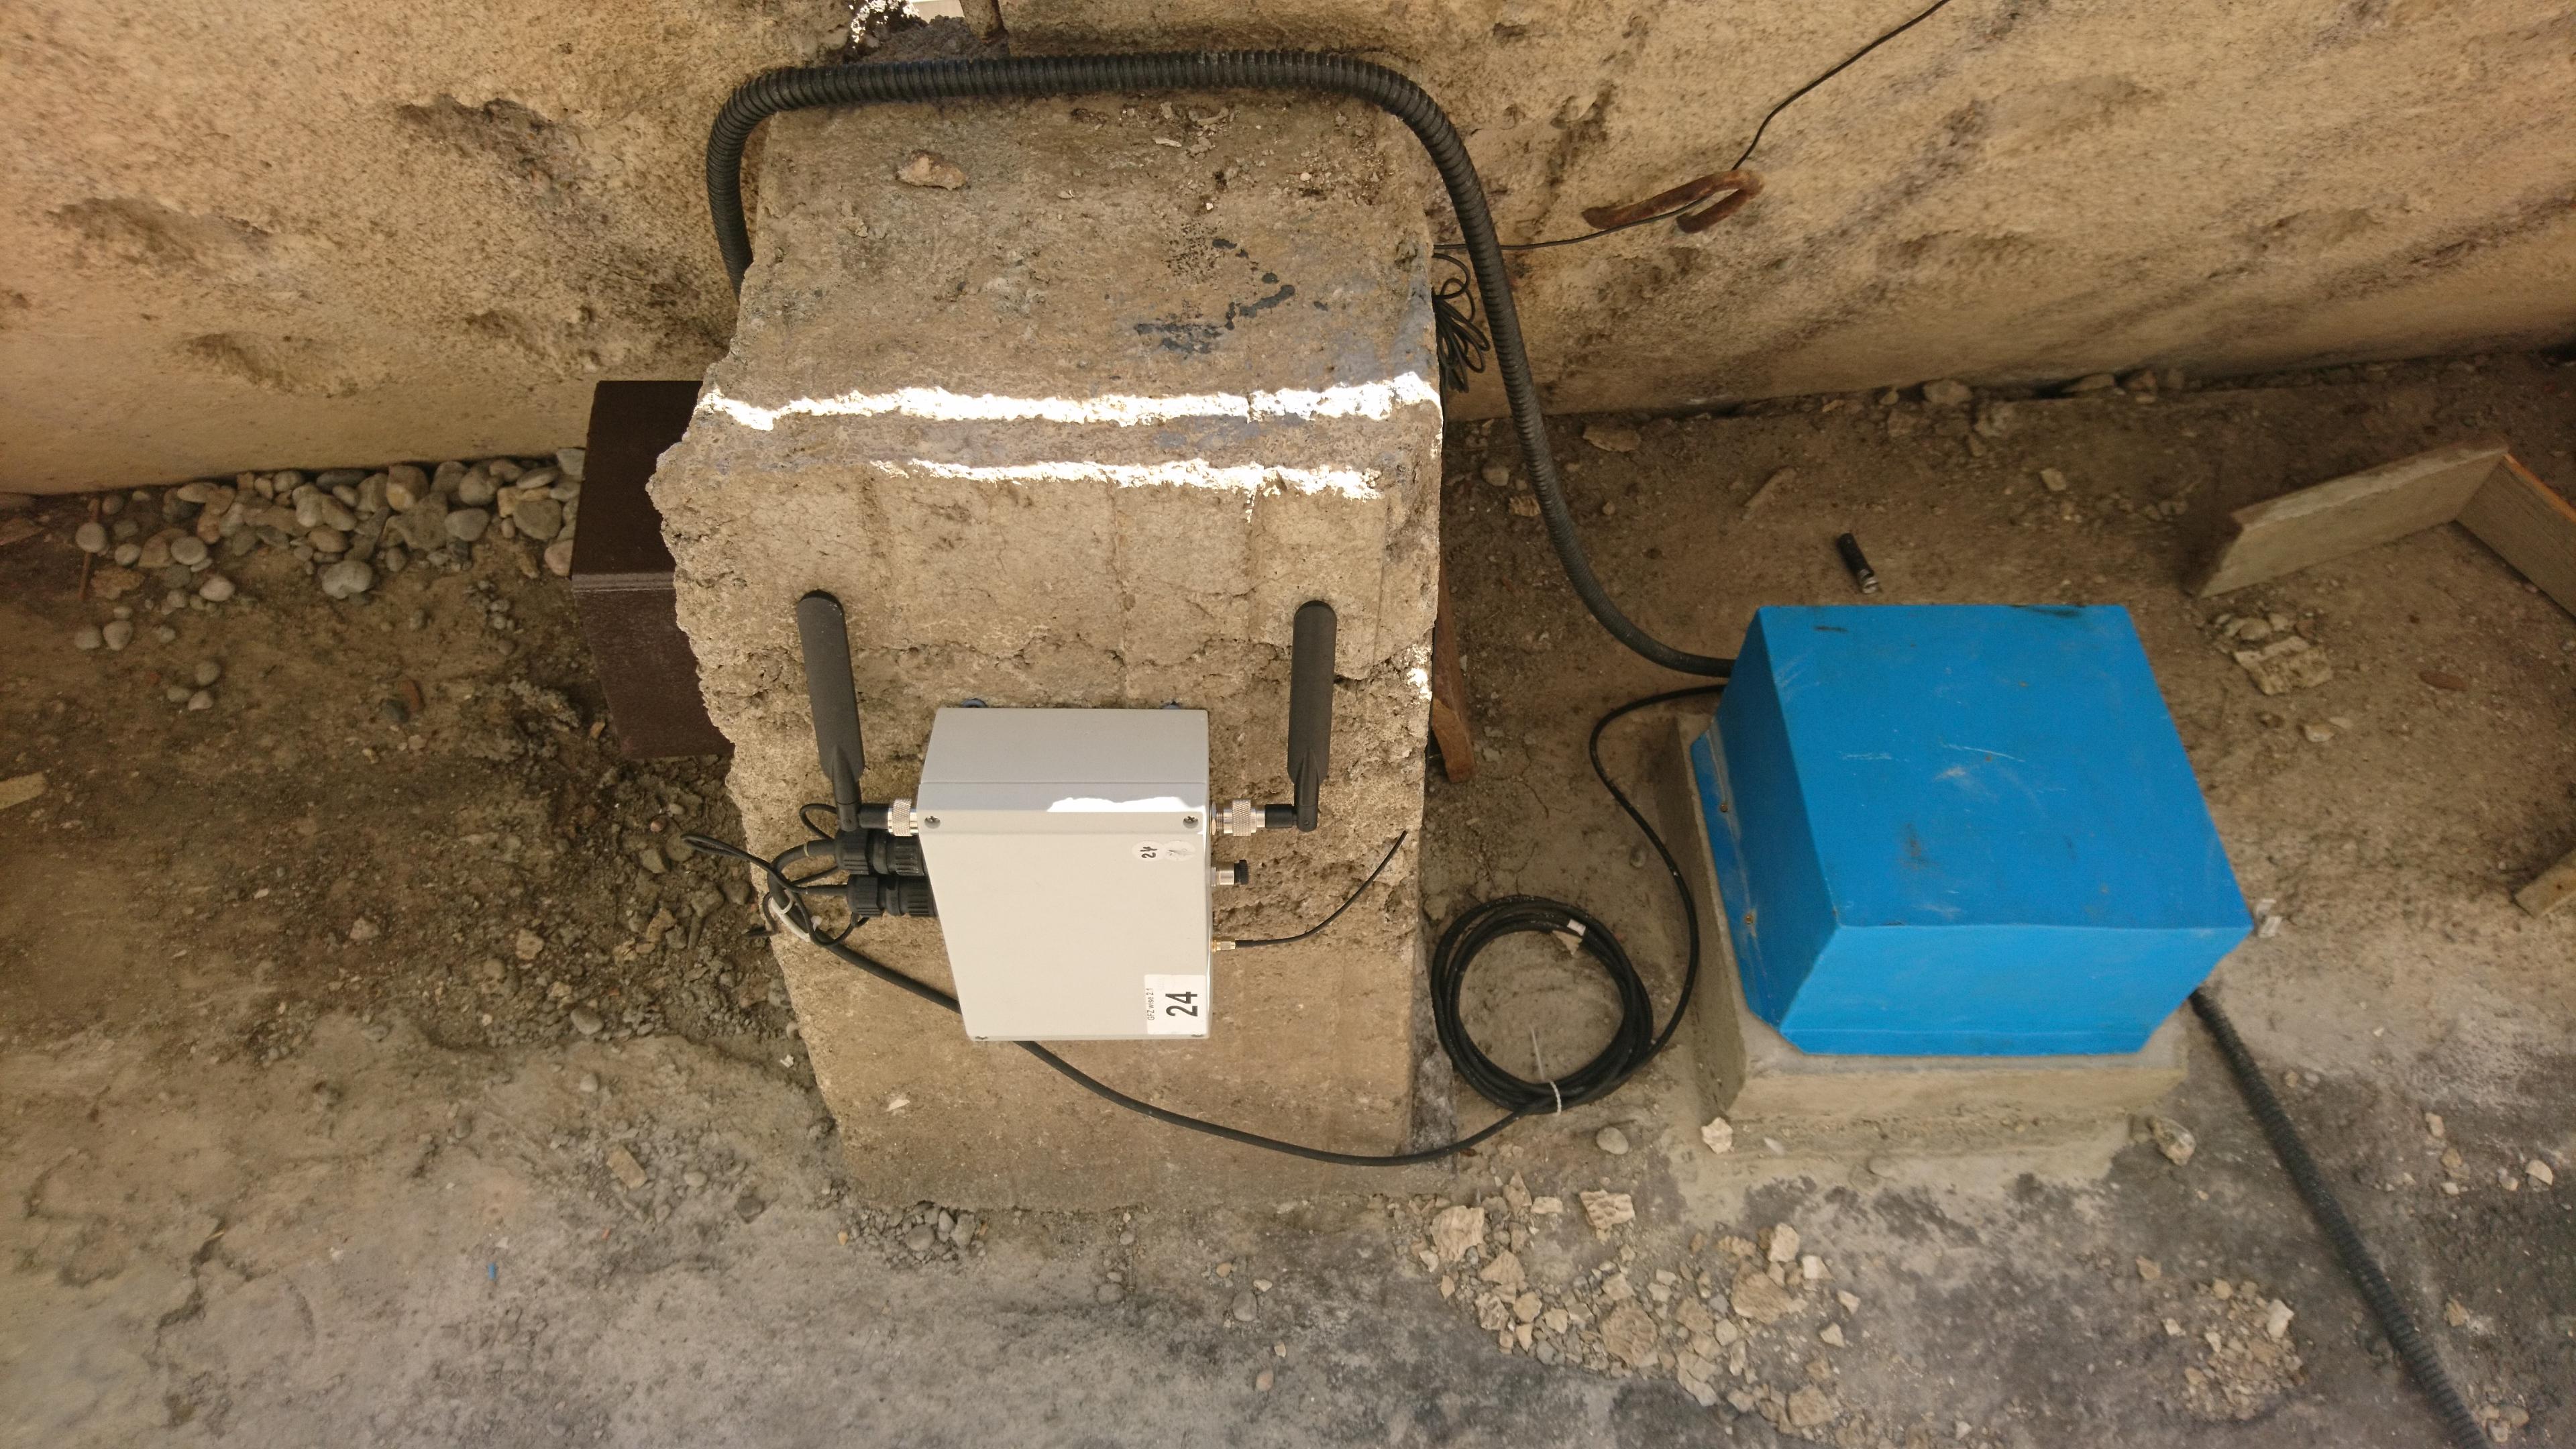 Installation seismischer Sensoren und des Echtzeitdatenübertragungssystems mittels WLAN-Technologie. © Dr. Marco Pilz, GFZ Potsdam